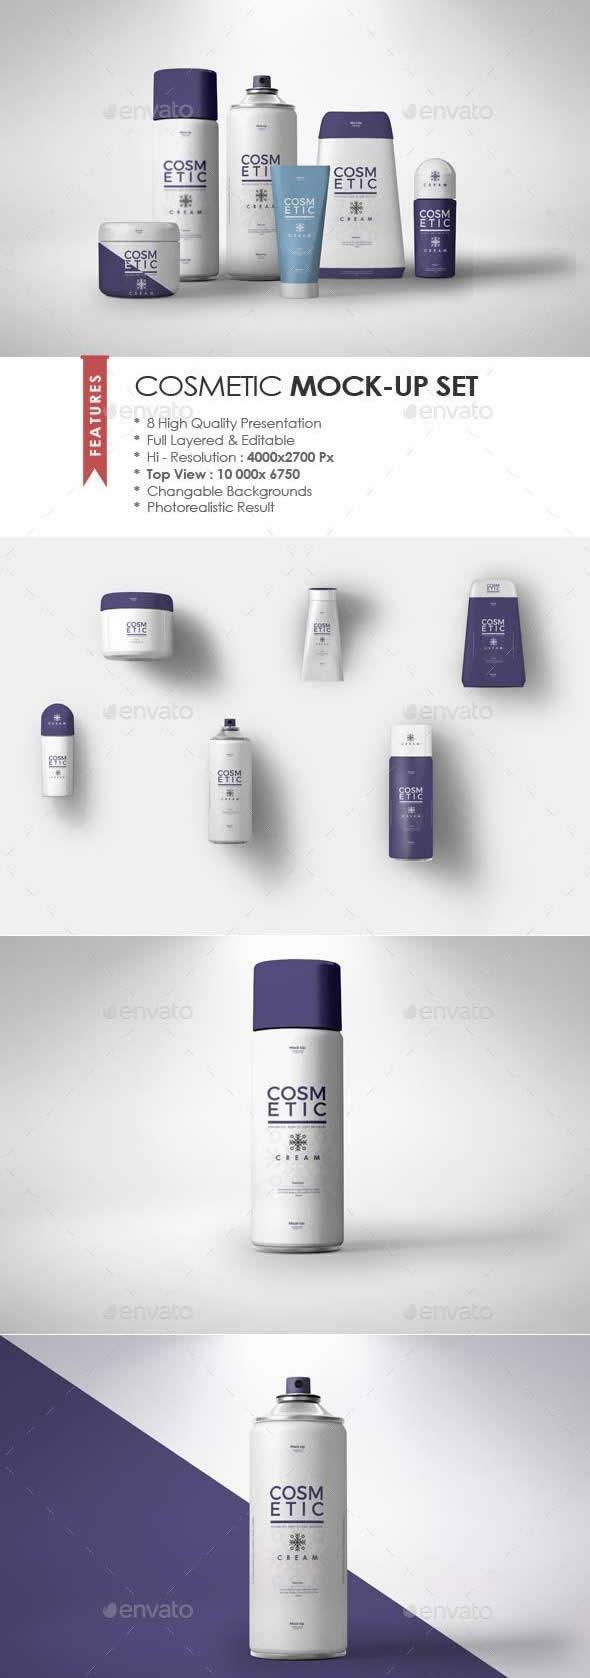 化妆品瓶子样机